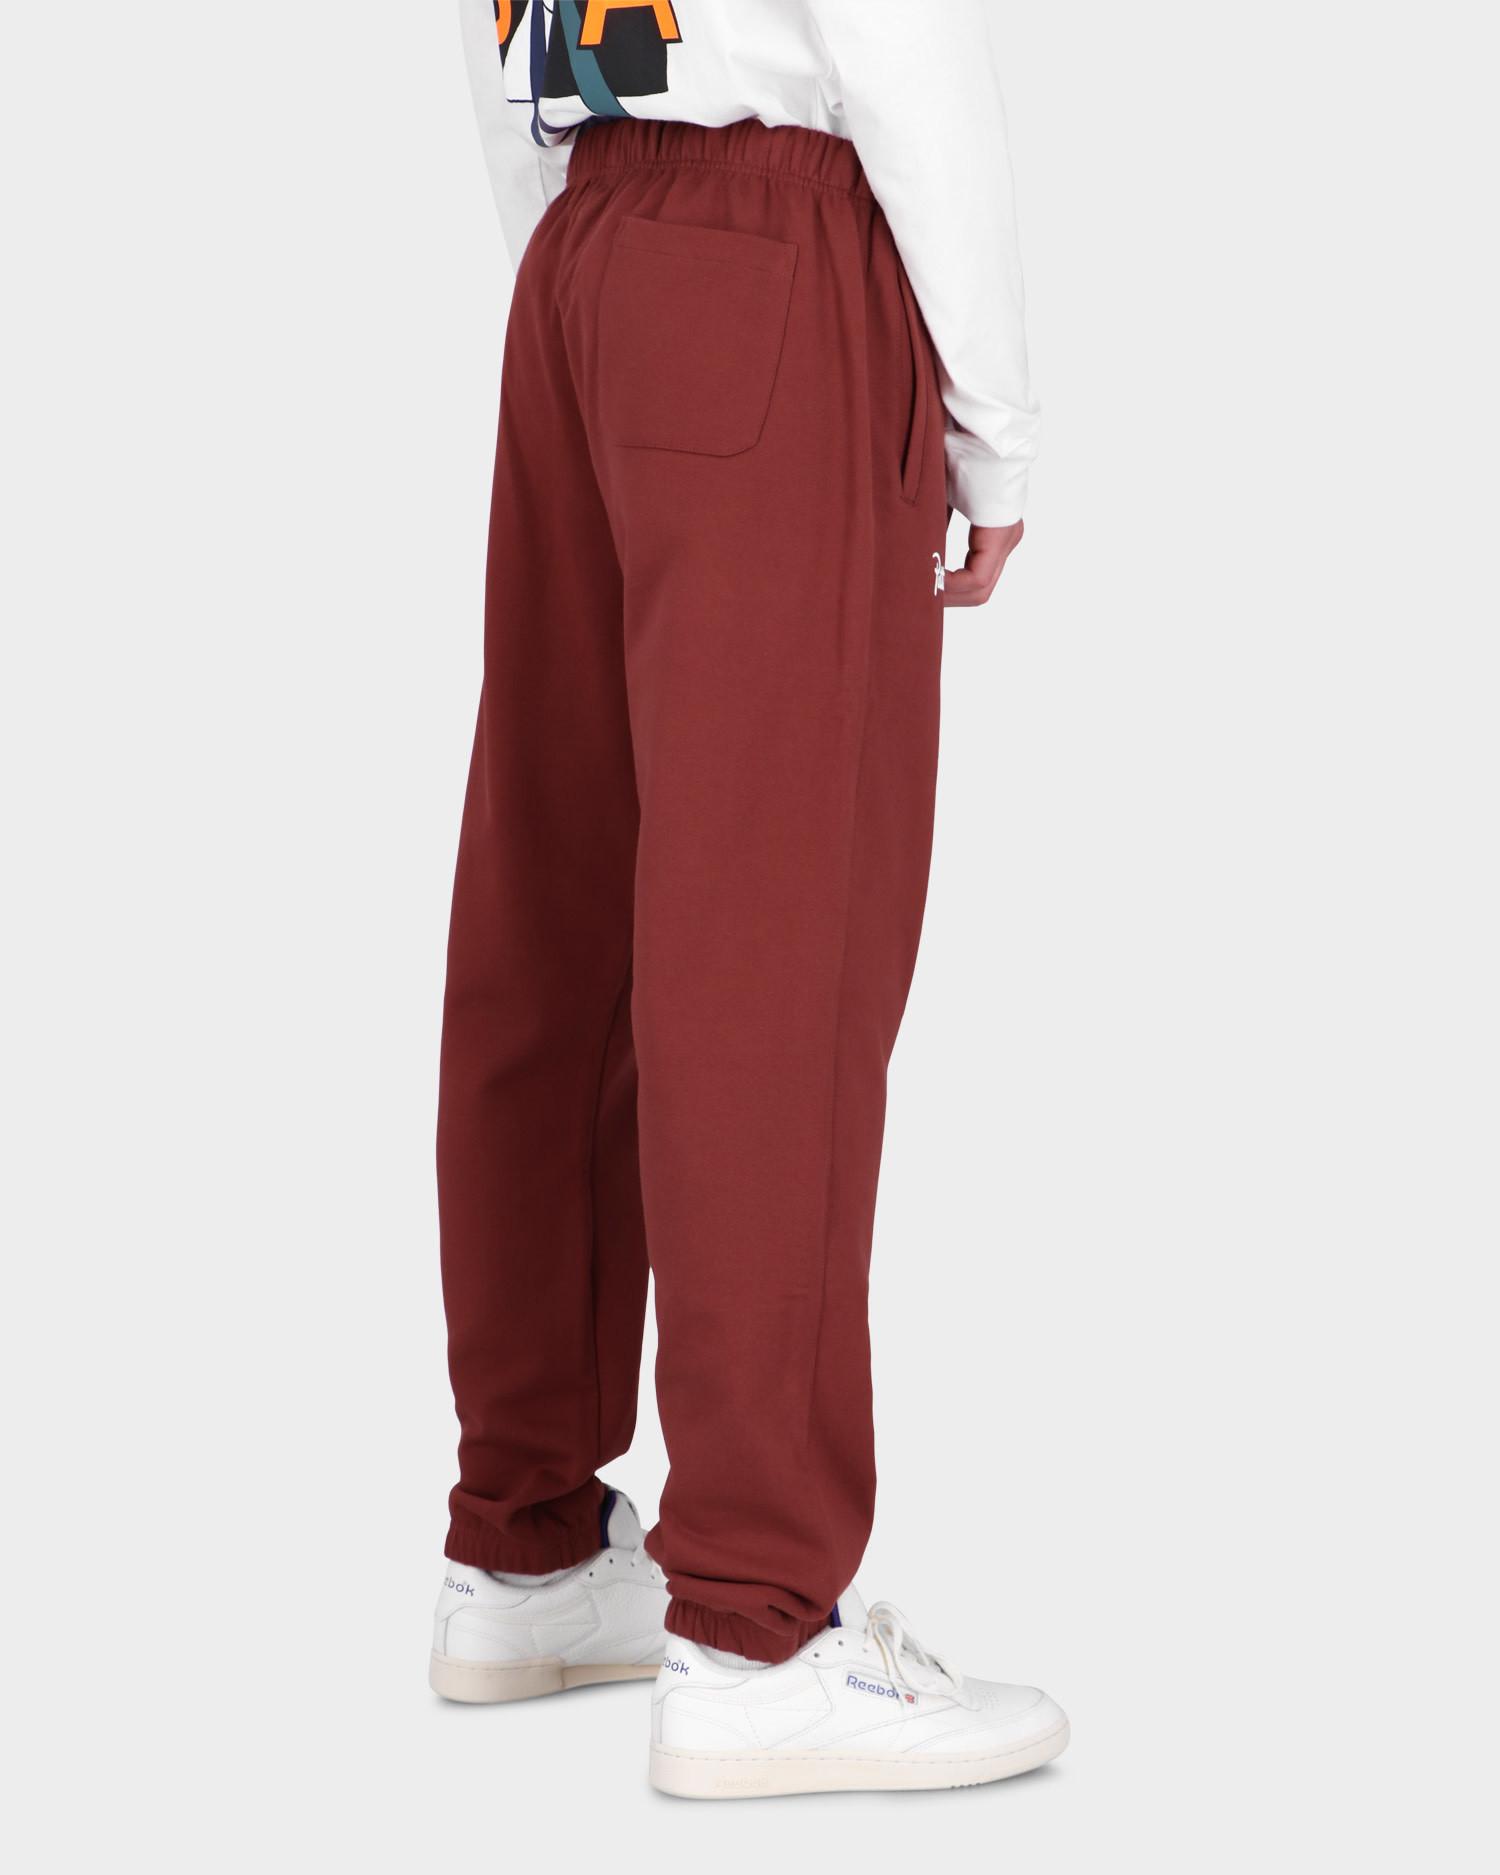 Patta Basic Jogging Pants Madder Brown